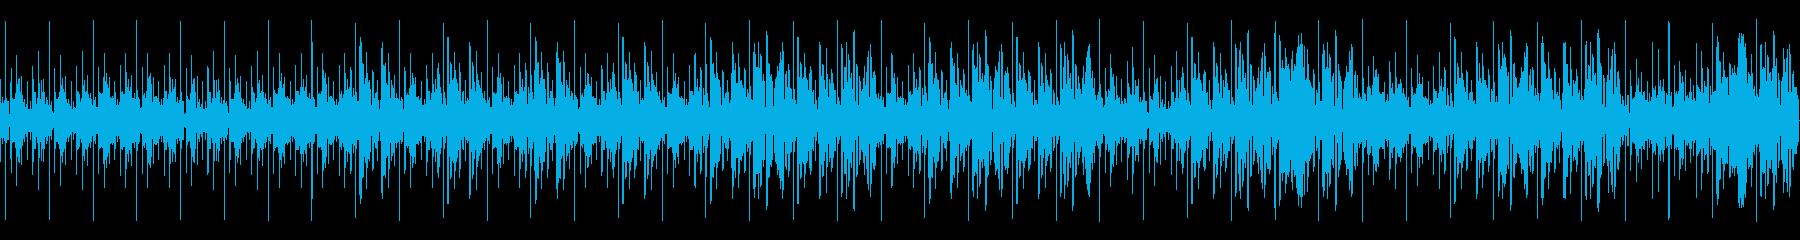 ポリリズムによるSF映画音楽の再生済みの波形